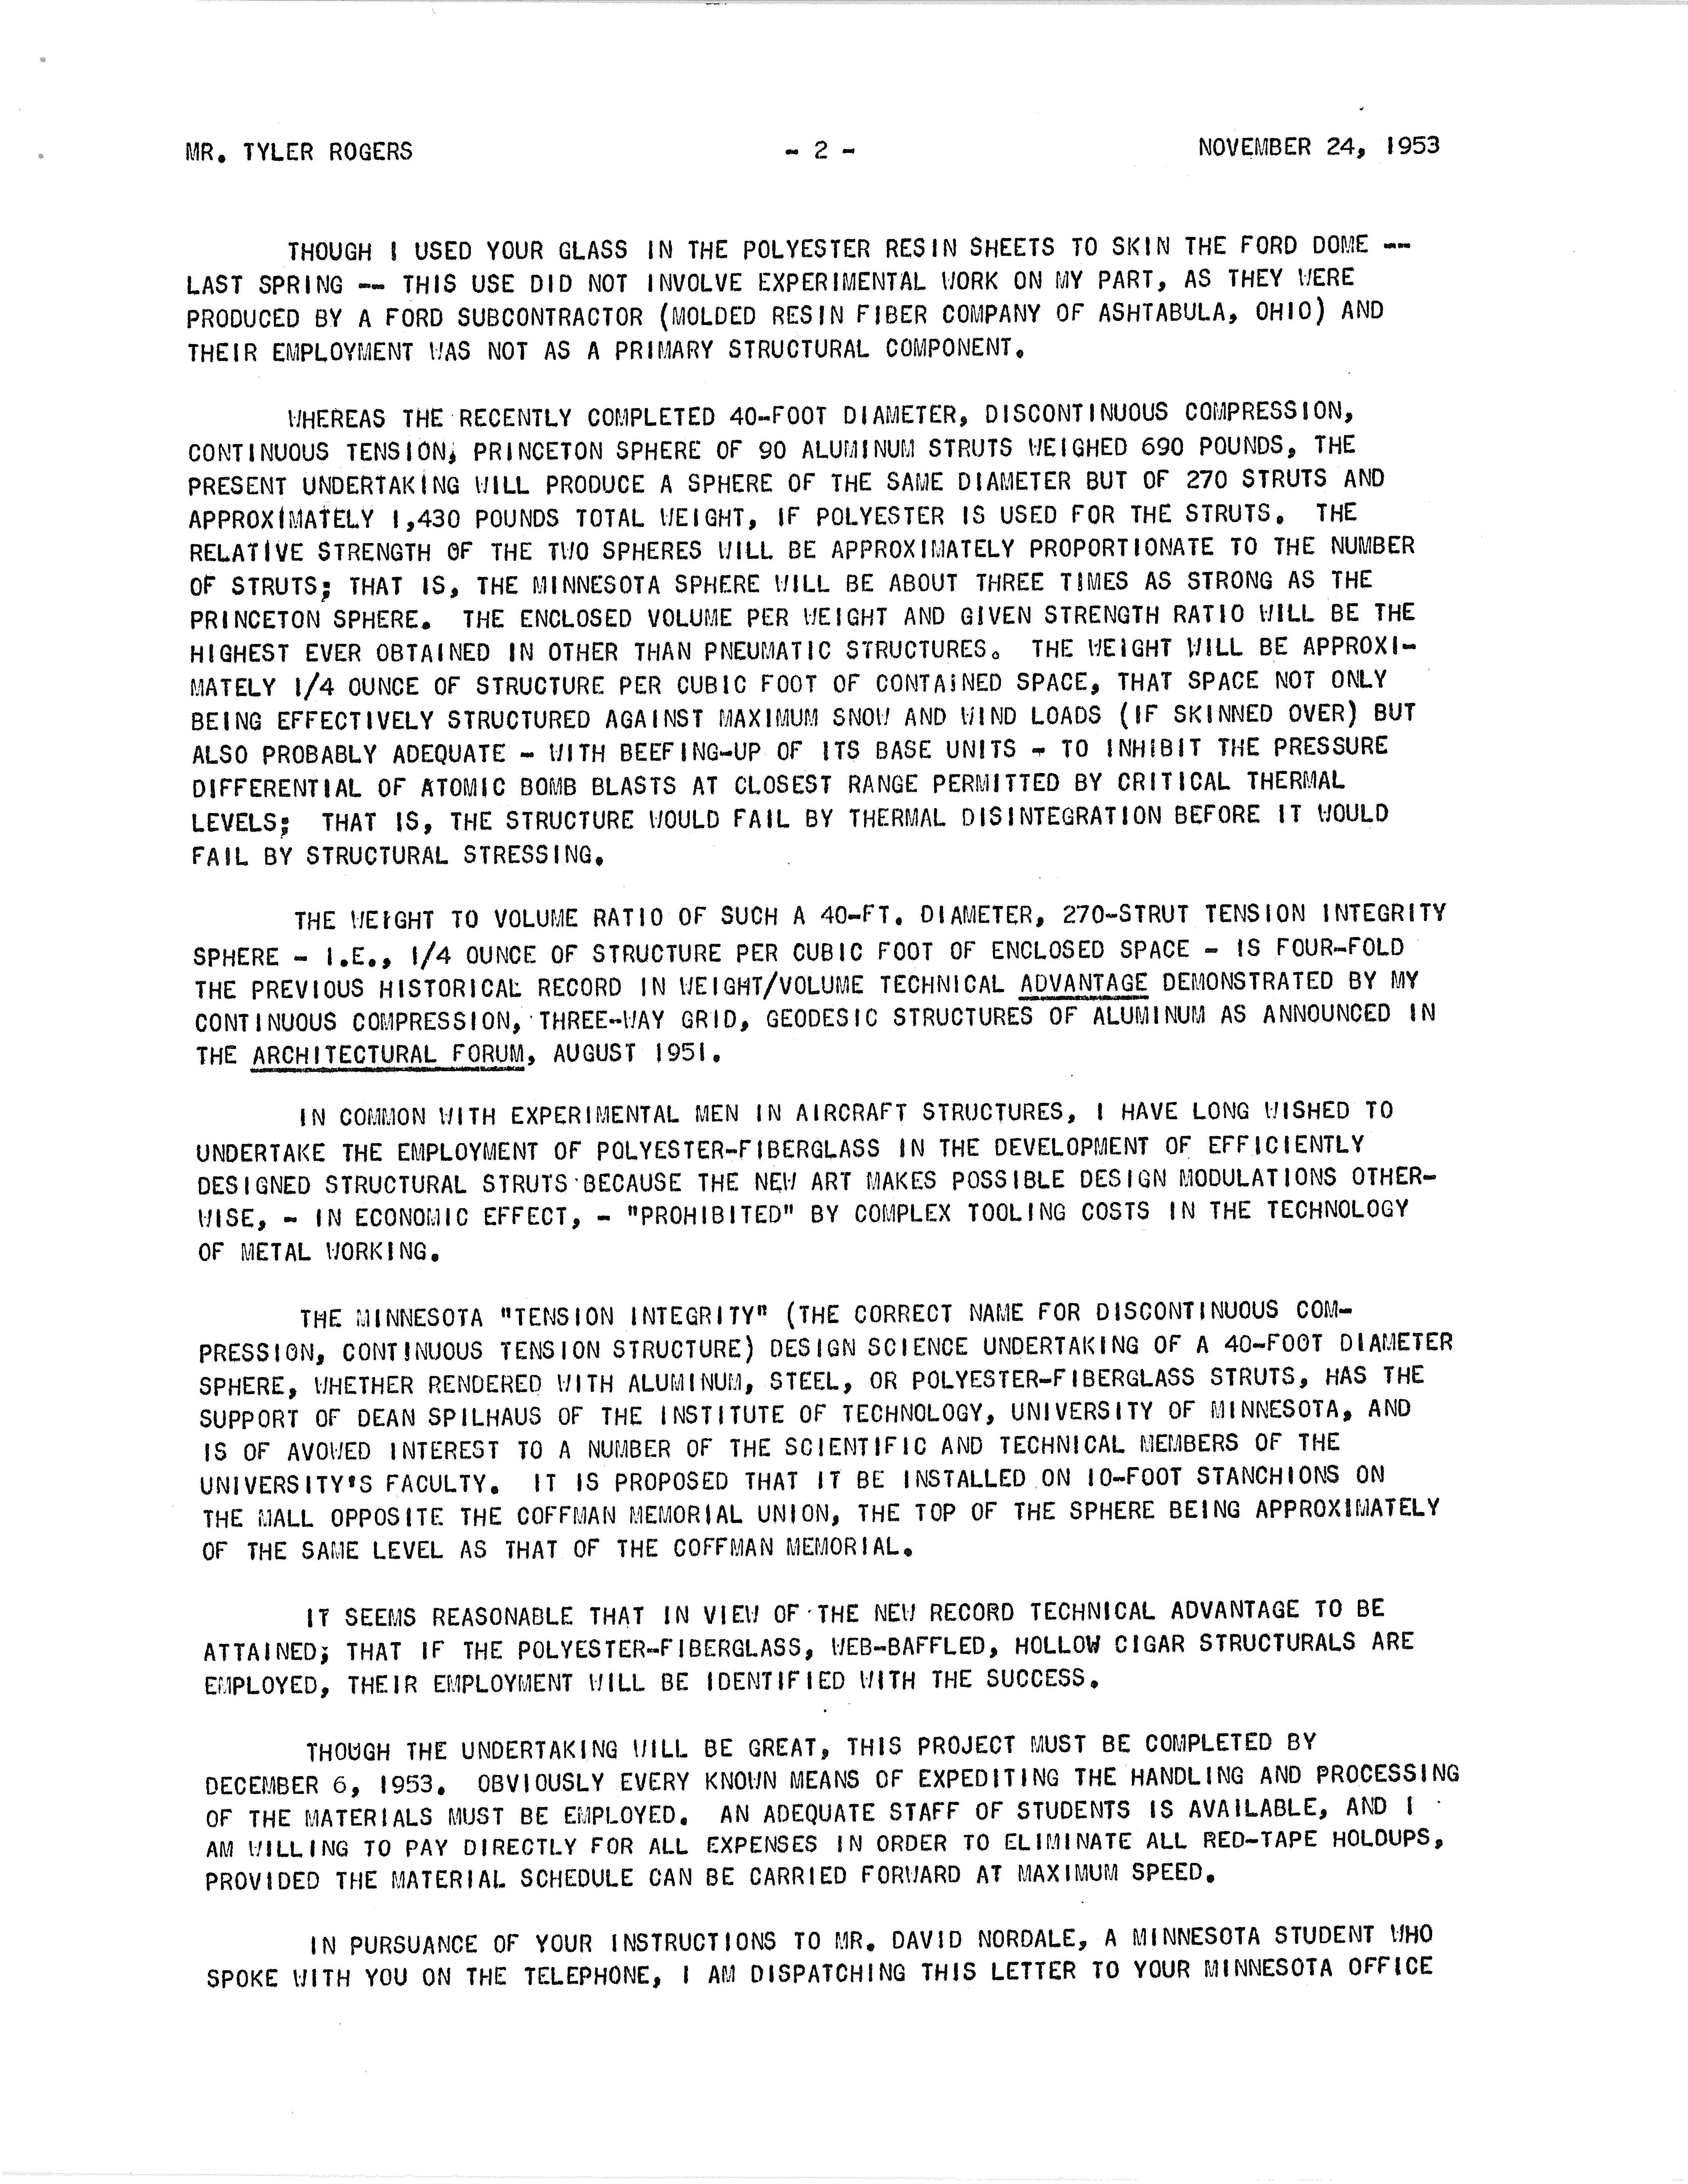 Fuller Letter 2